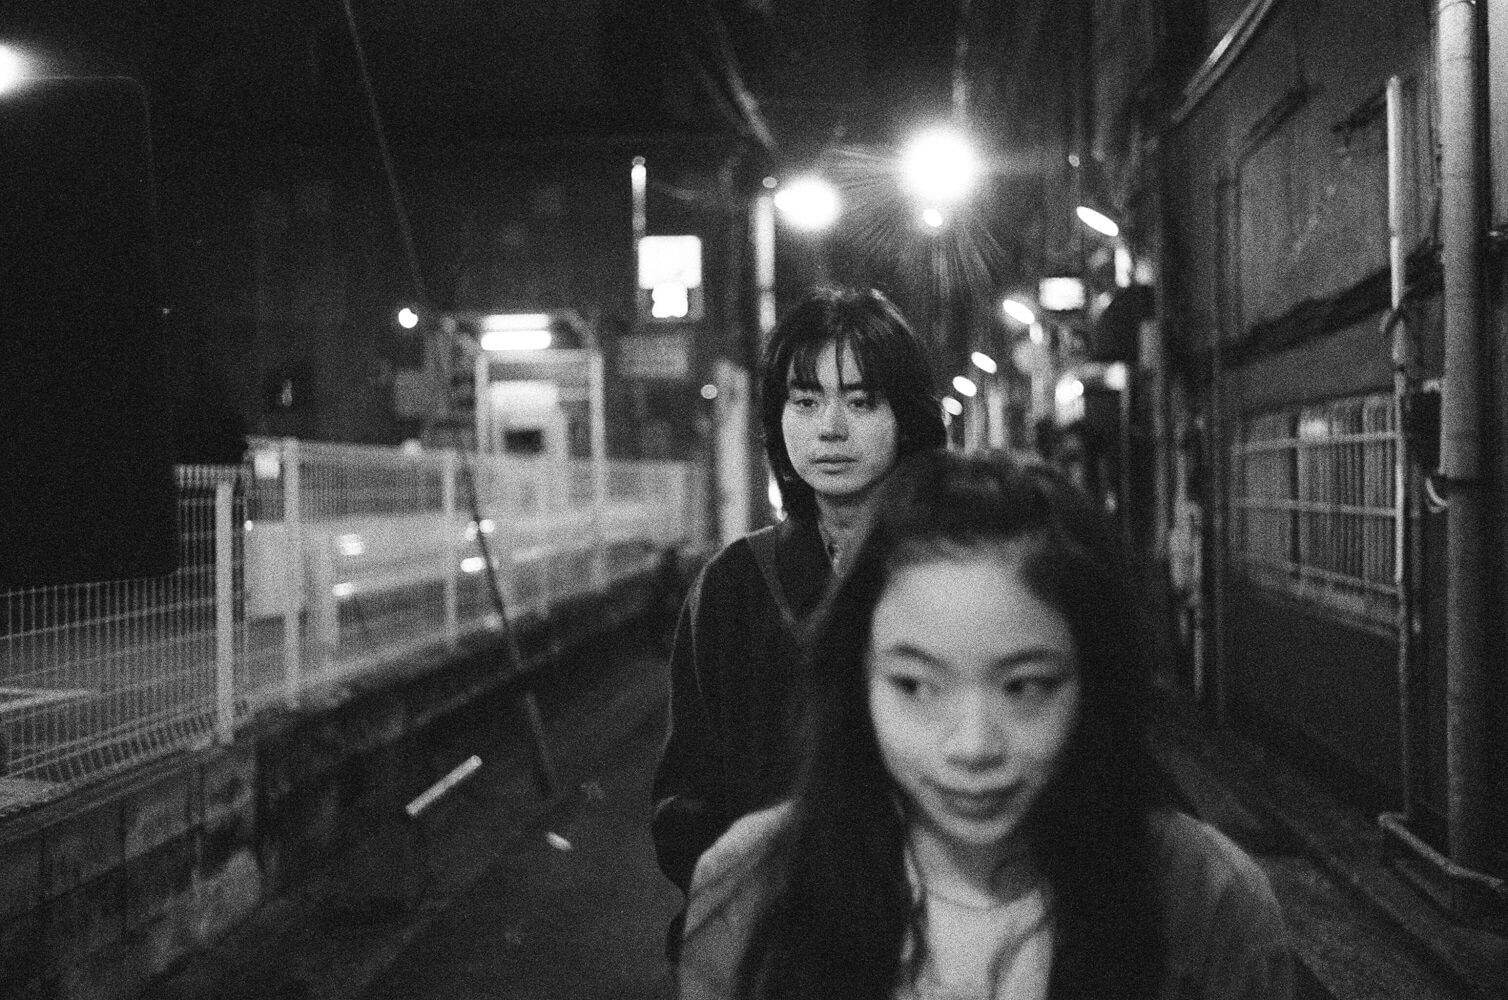 11月9日公開『生きてるだけで、愛。』主演の趣里、菅田将暉を撮影したモノクロ写真が到着。